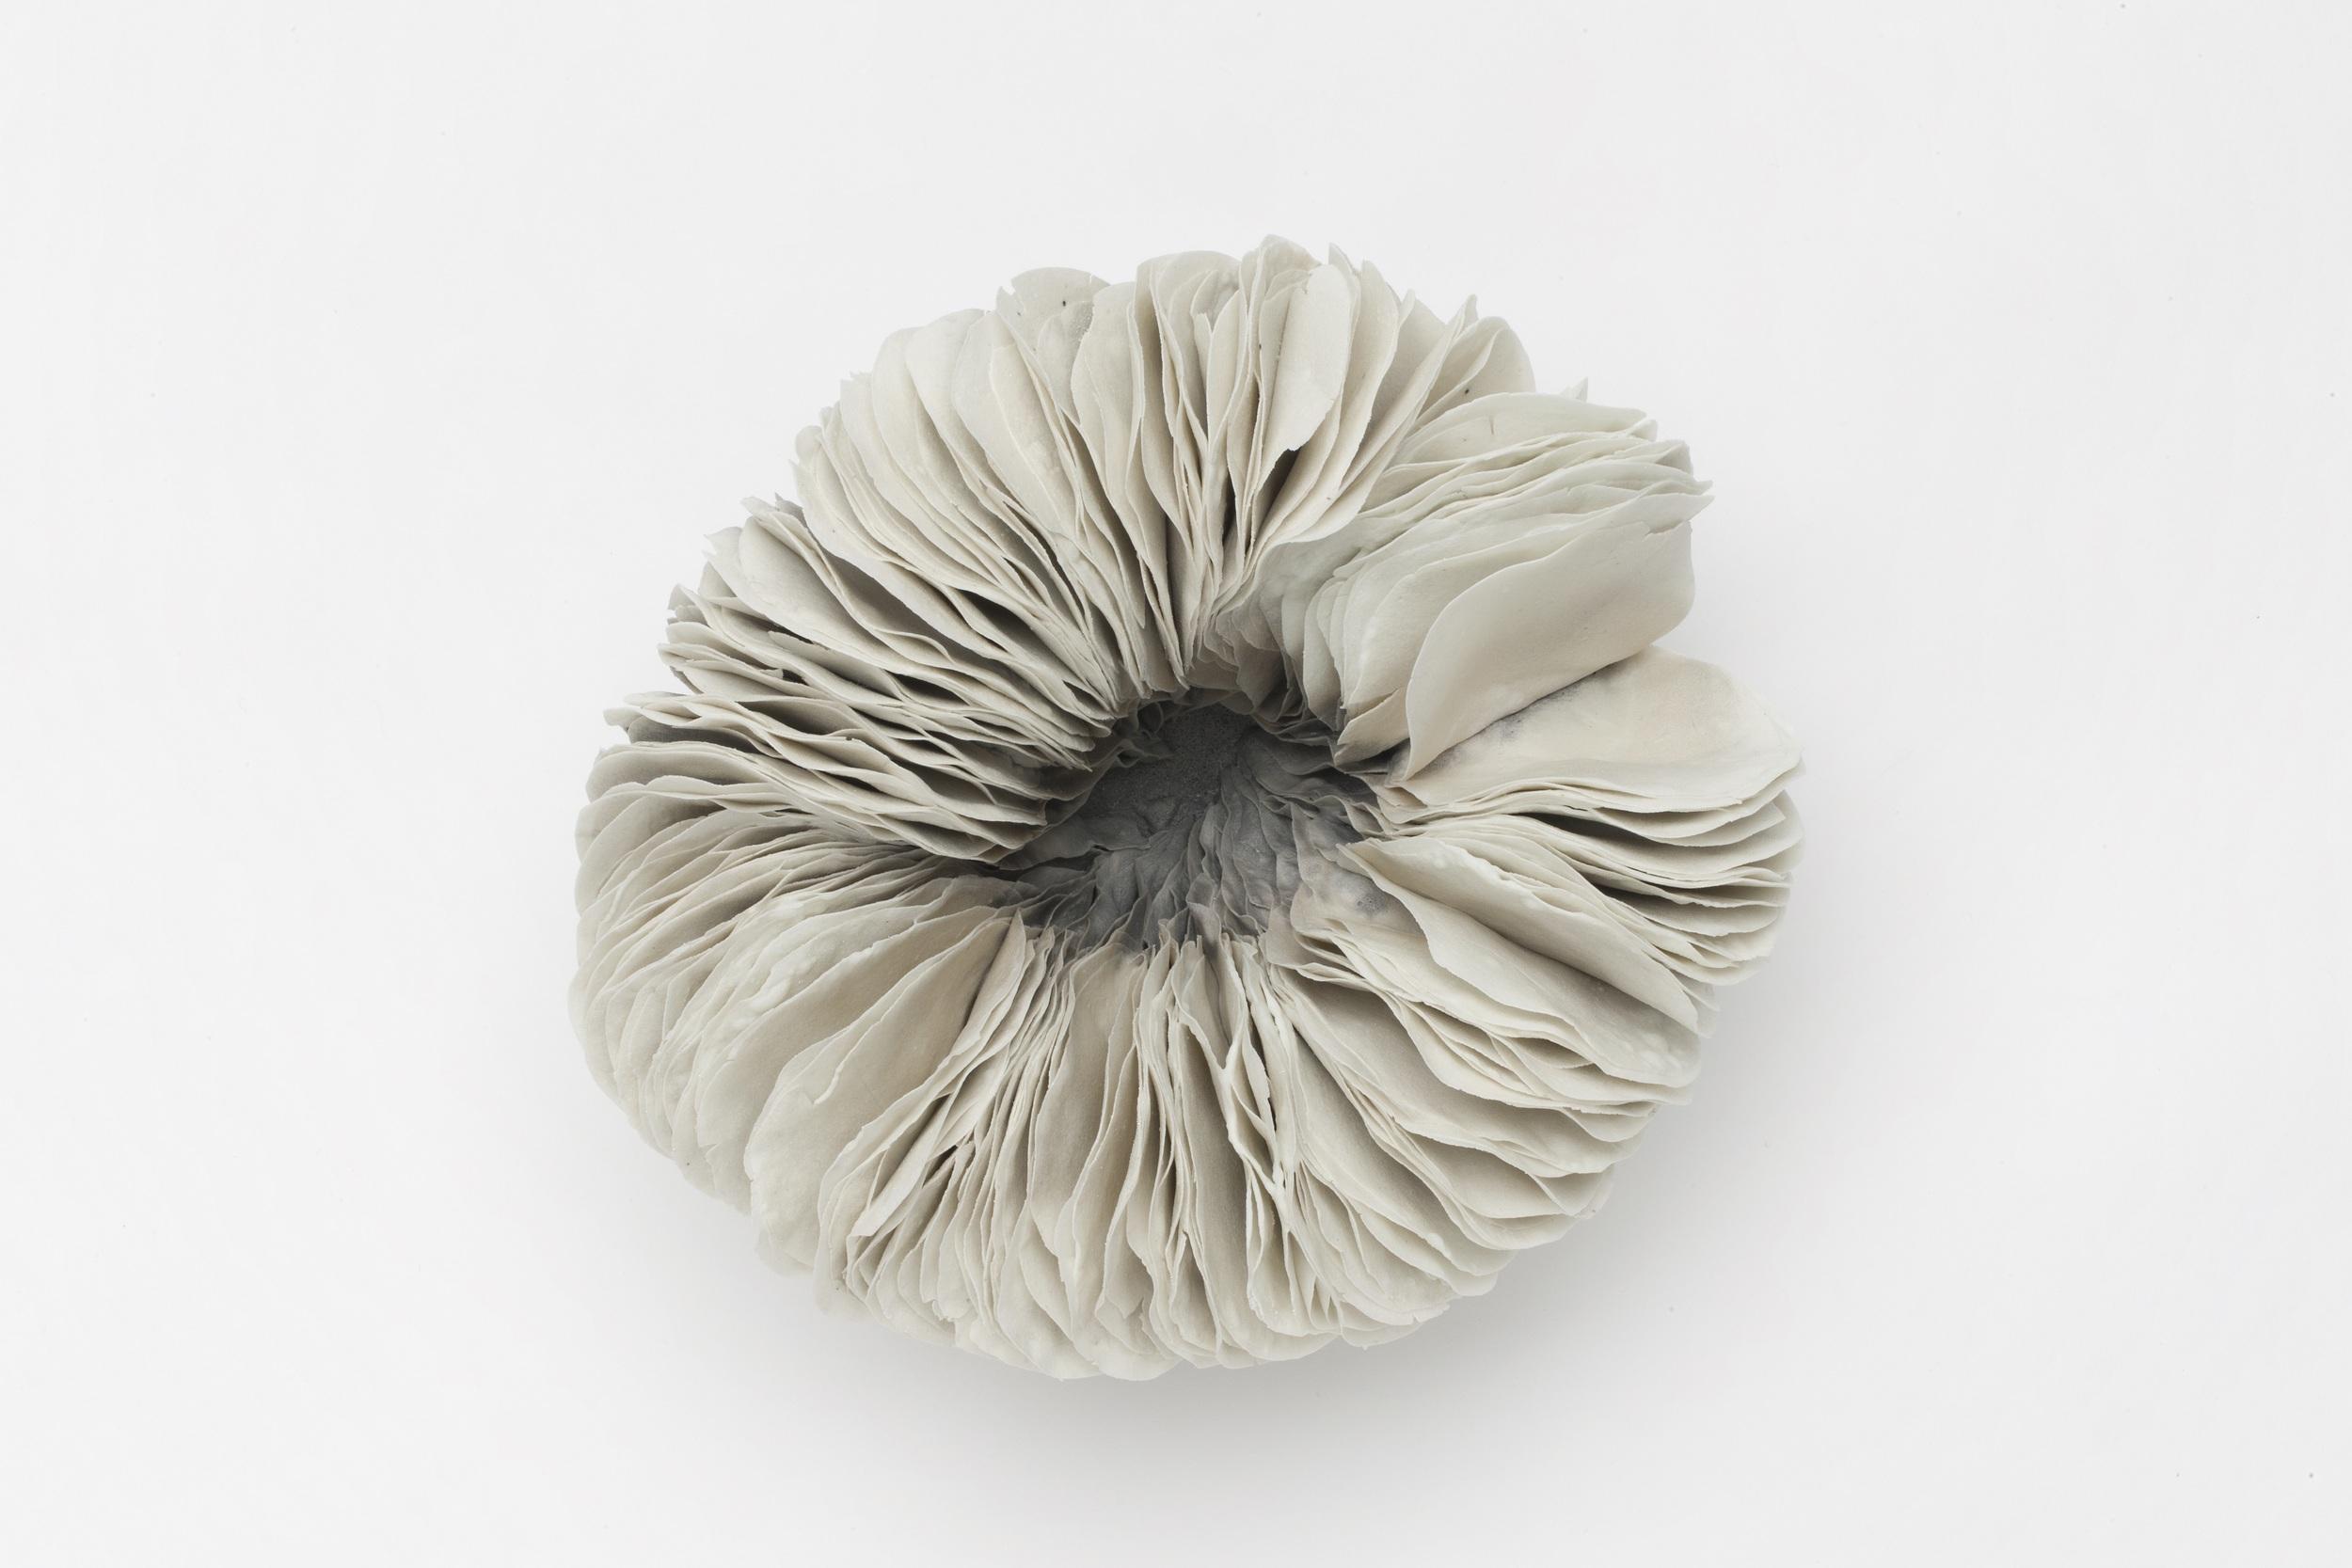 Vibration Series,  2010, artist blend glaze material, 9cm x 17cm x 14cm